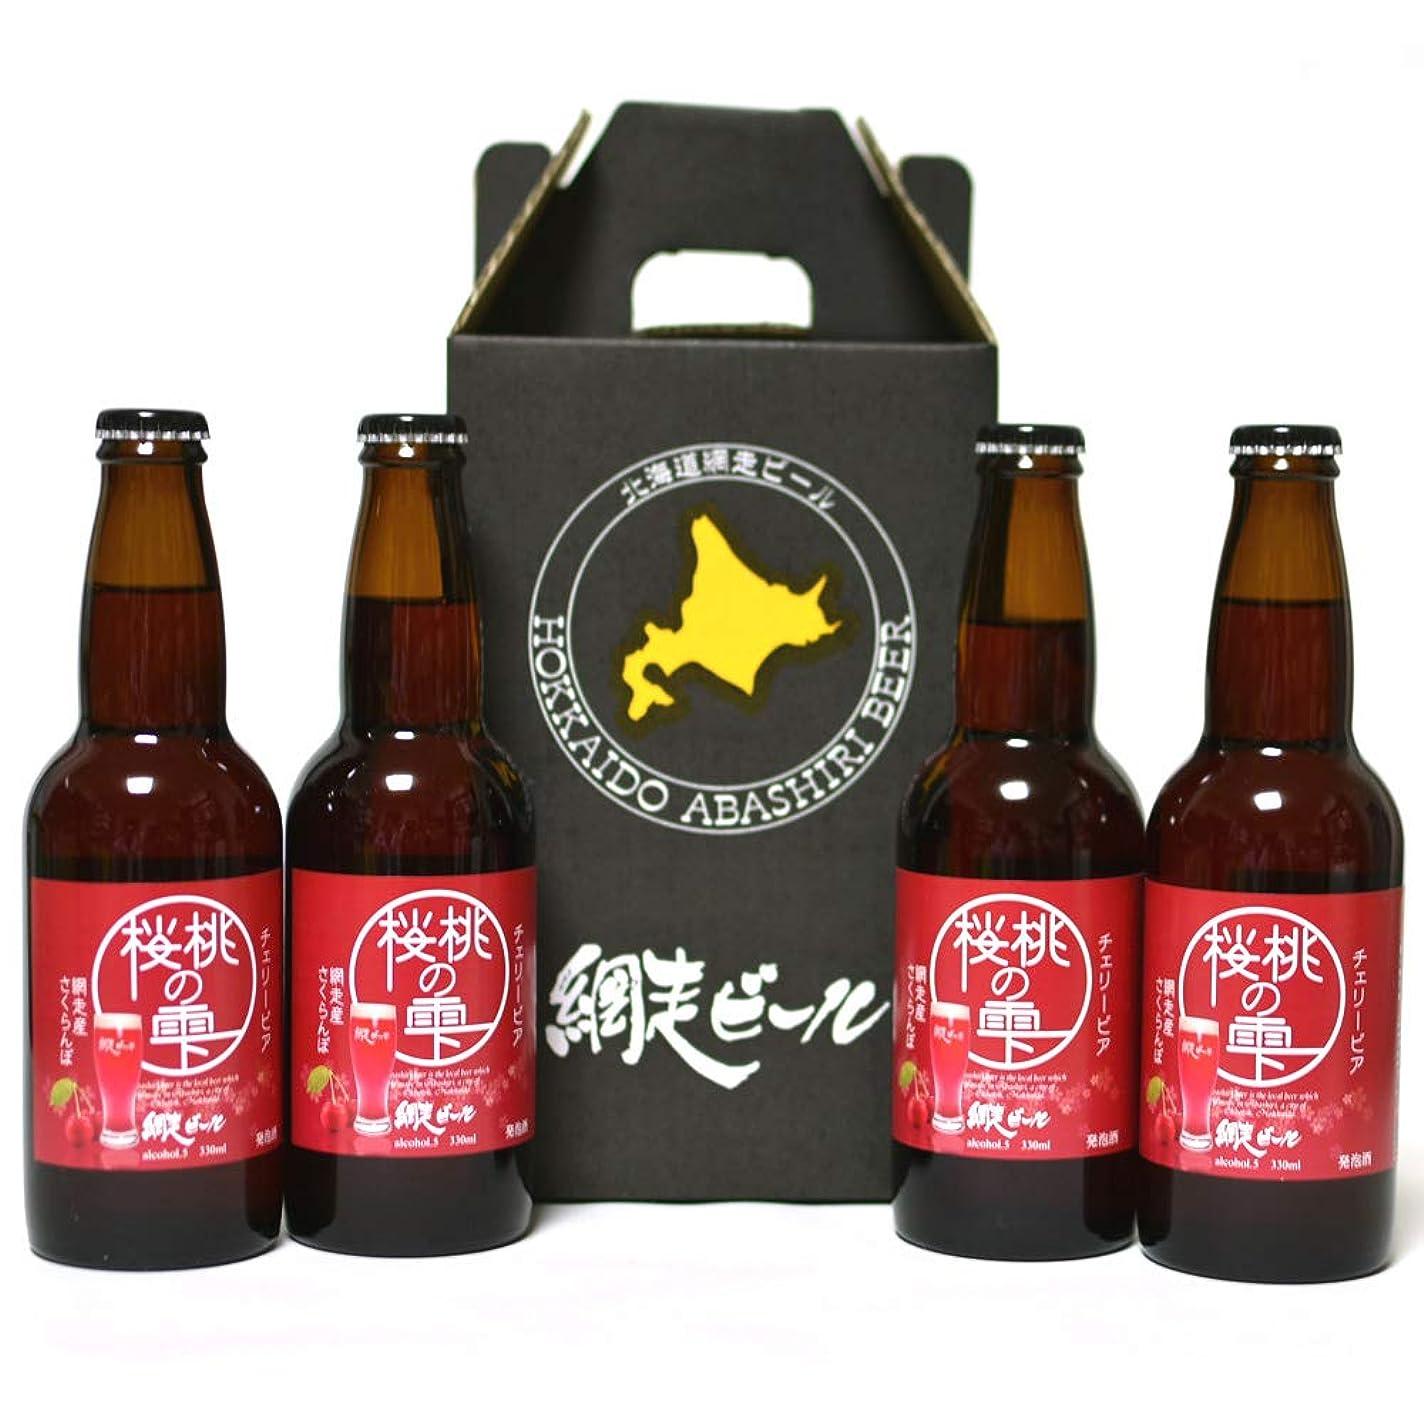 繊細チョークオフェンス北海道で大人気の地ビール 「網走ビール 桜桃の雫4本セット」